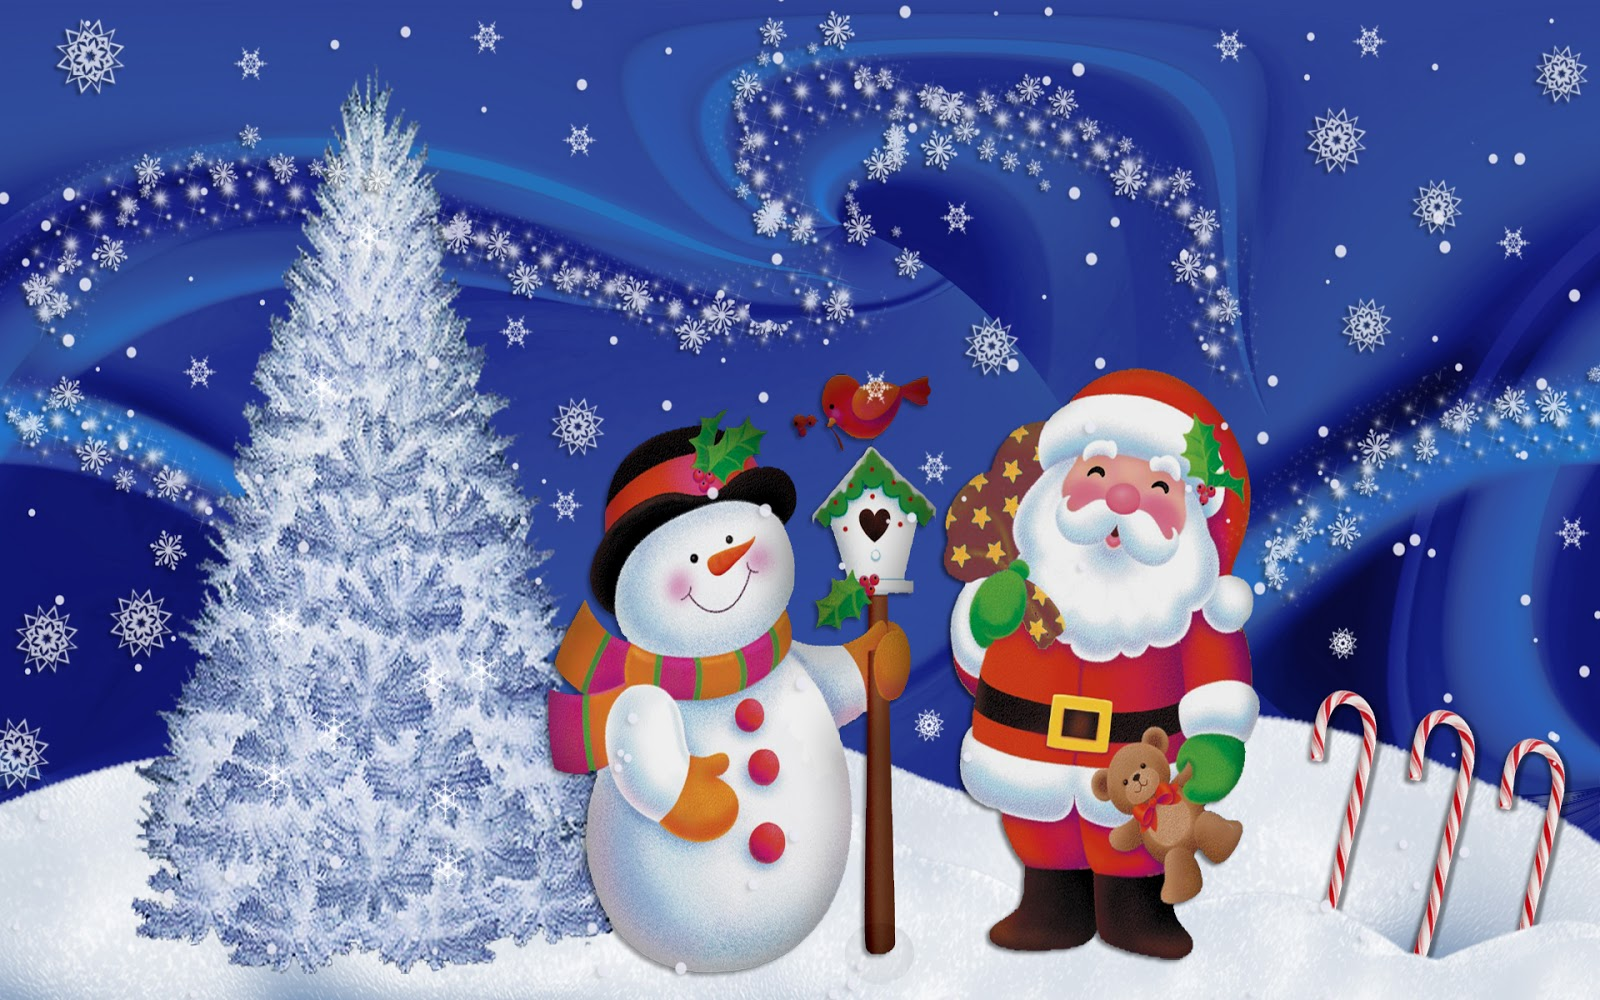 merry Christmas | hd merry Christmas